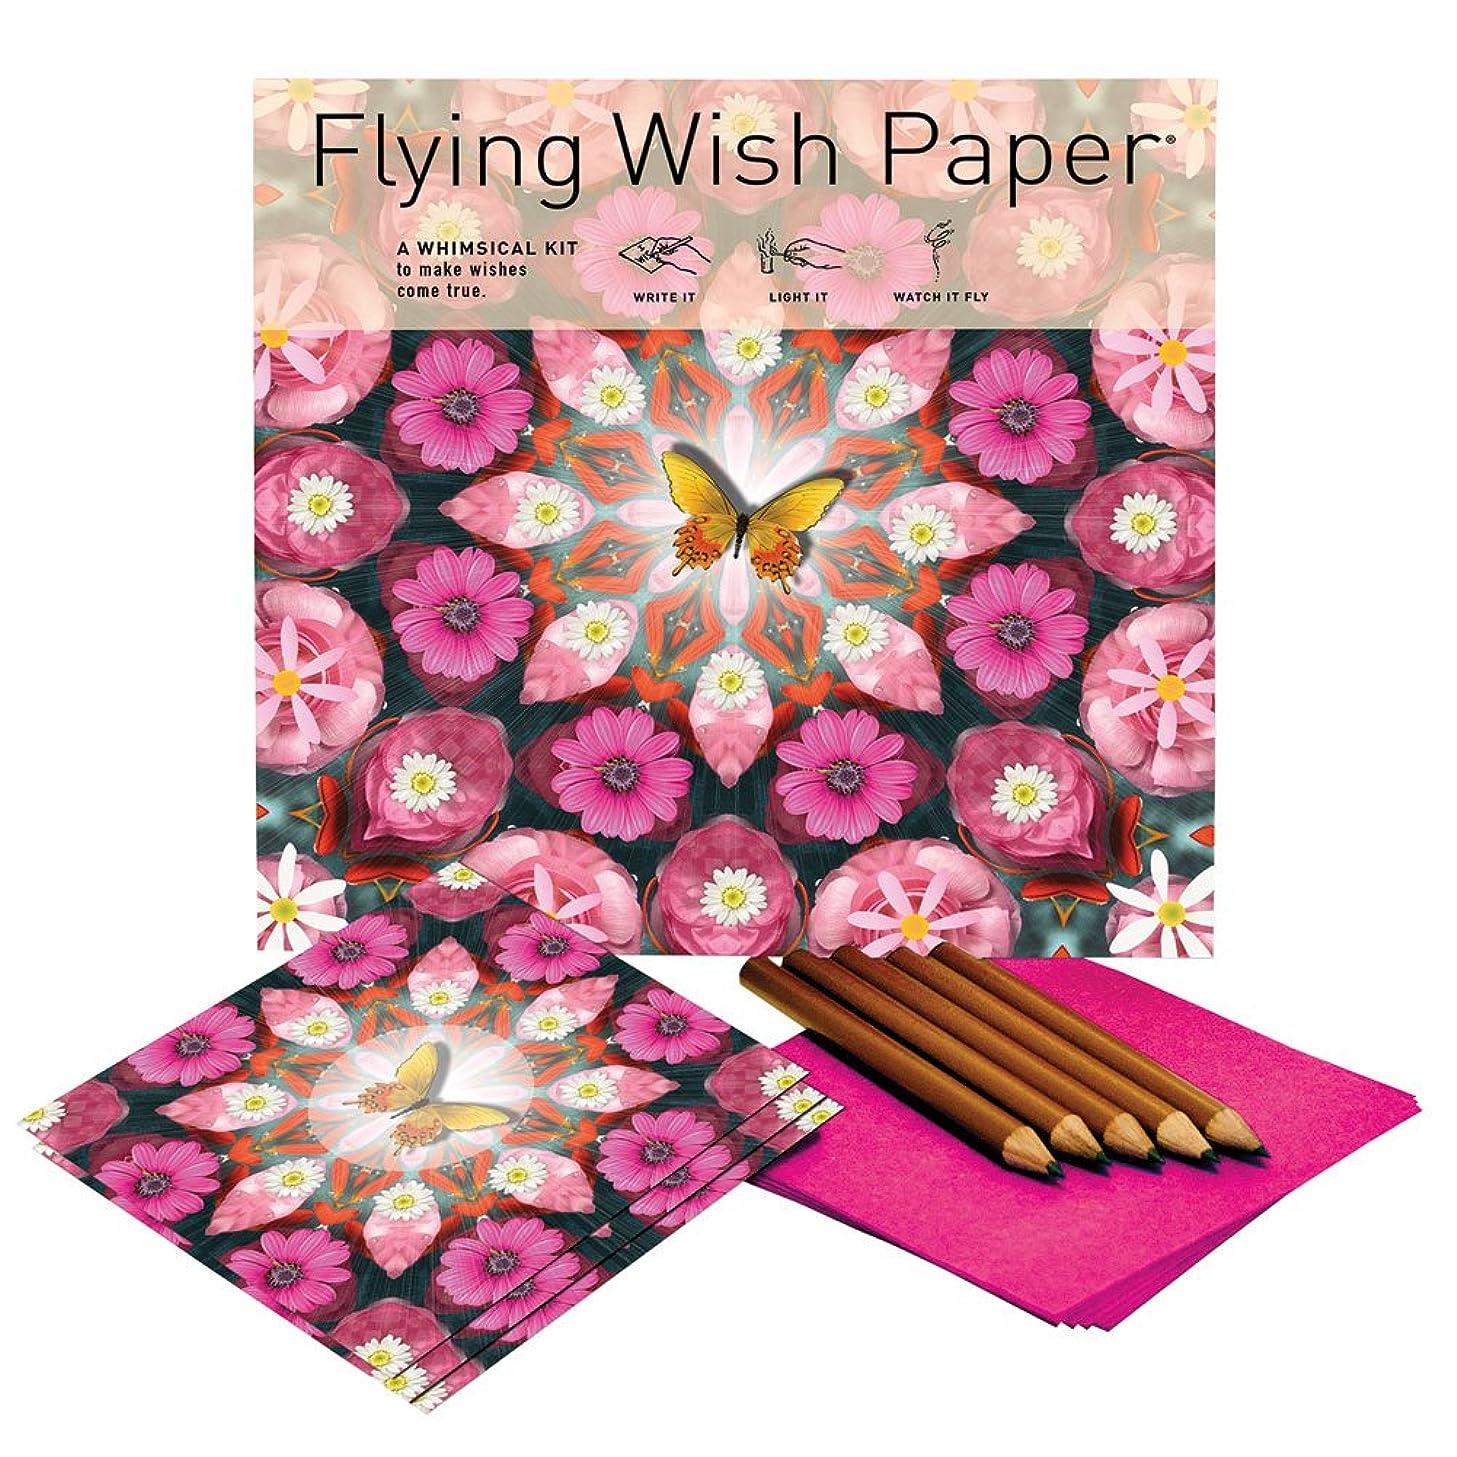 Flying Wish Paper - Light it on FIRE, Watch it FLY - PINK BUTTERFLY - 7